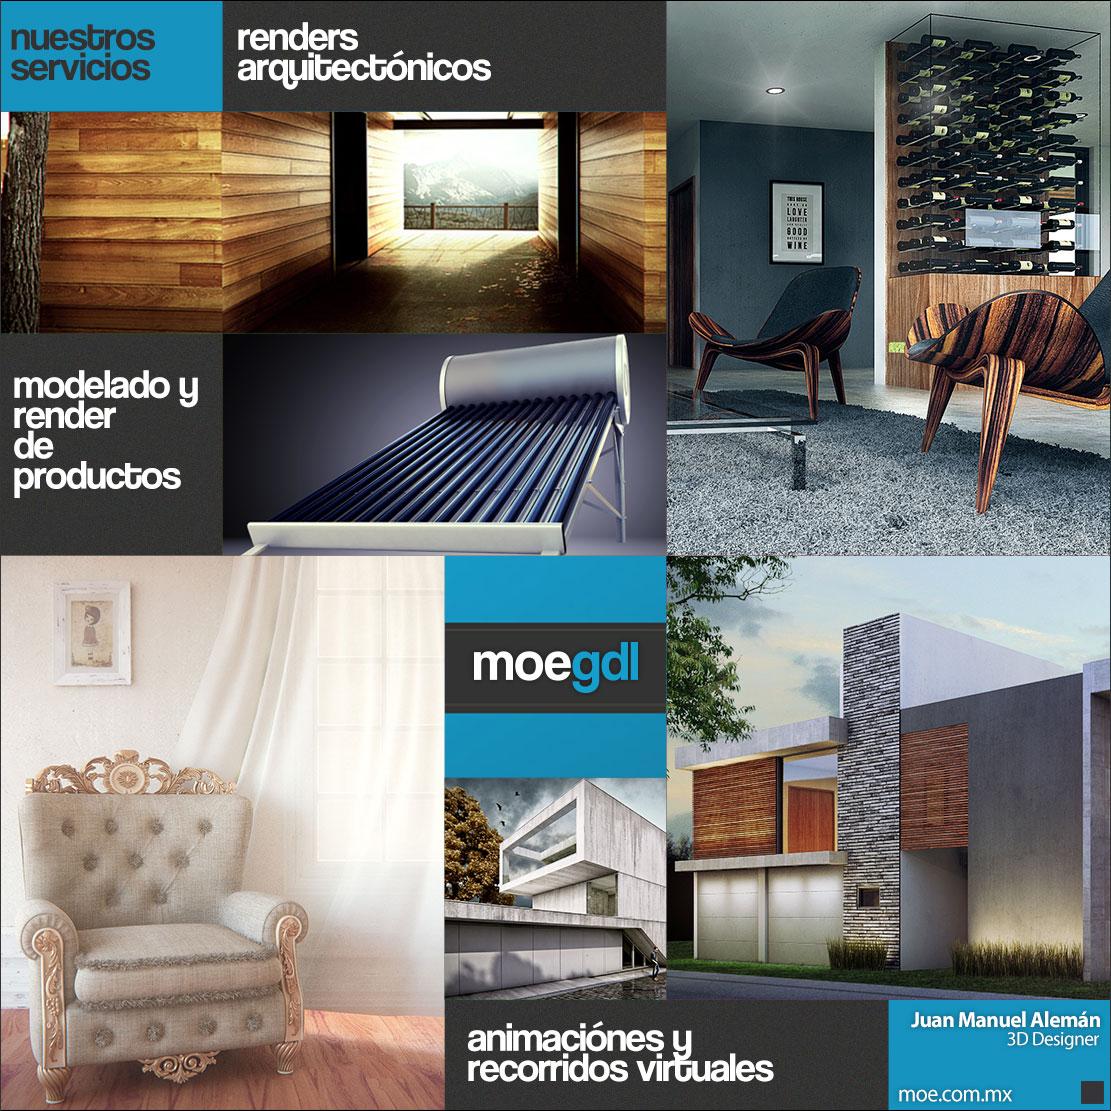 Render Arquitectónicos Modelado de Productos Render de Productos Animaciónes 3D Recorridos Virtuales